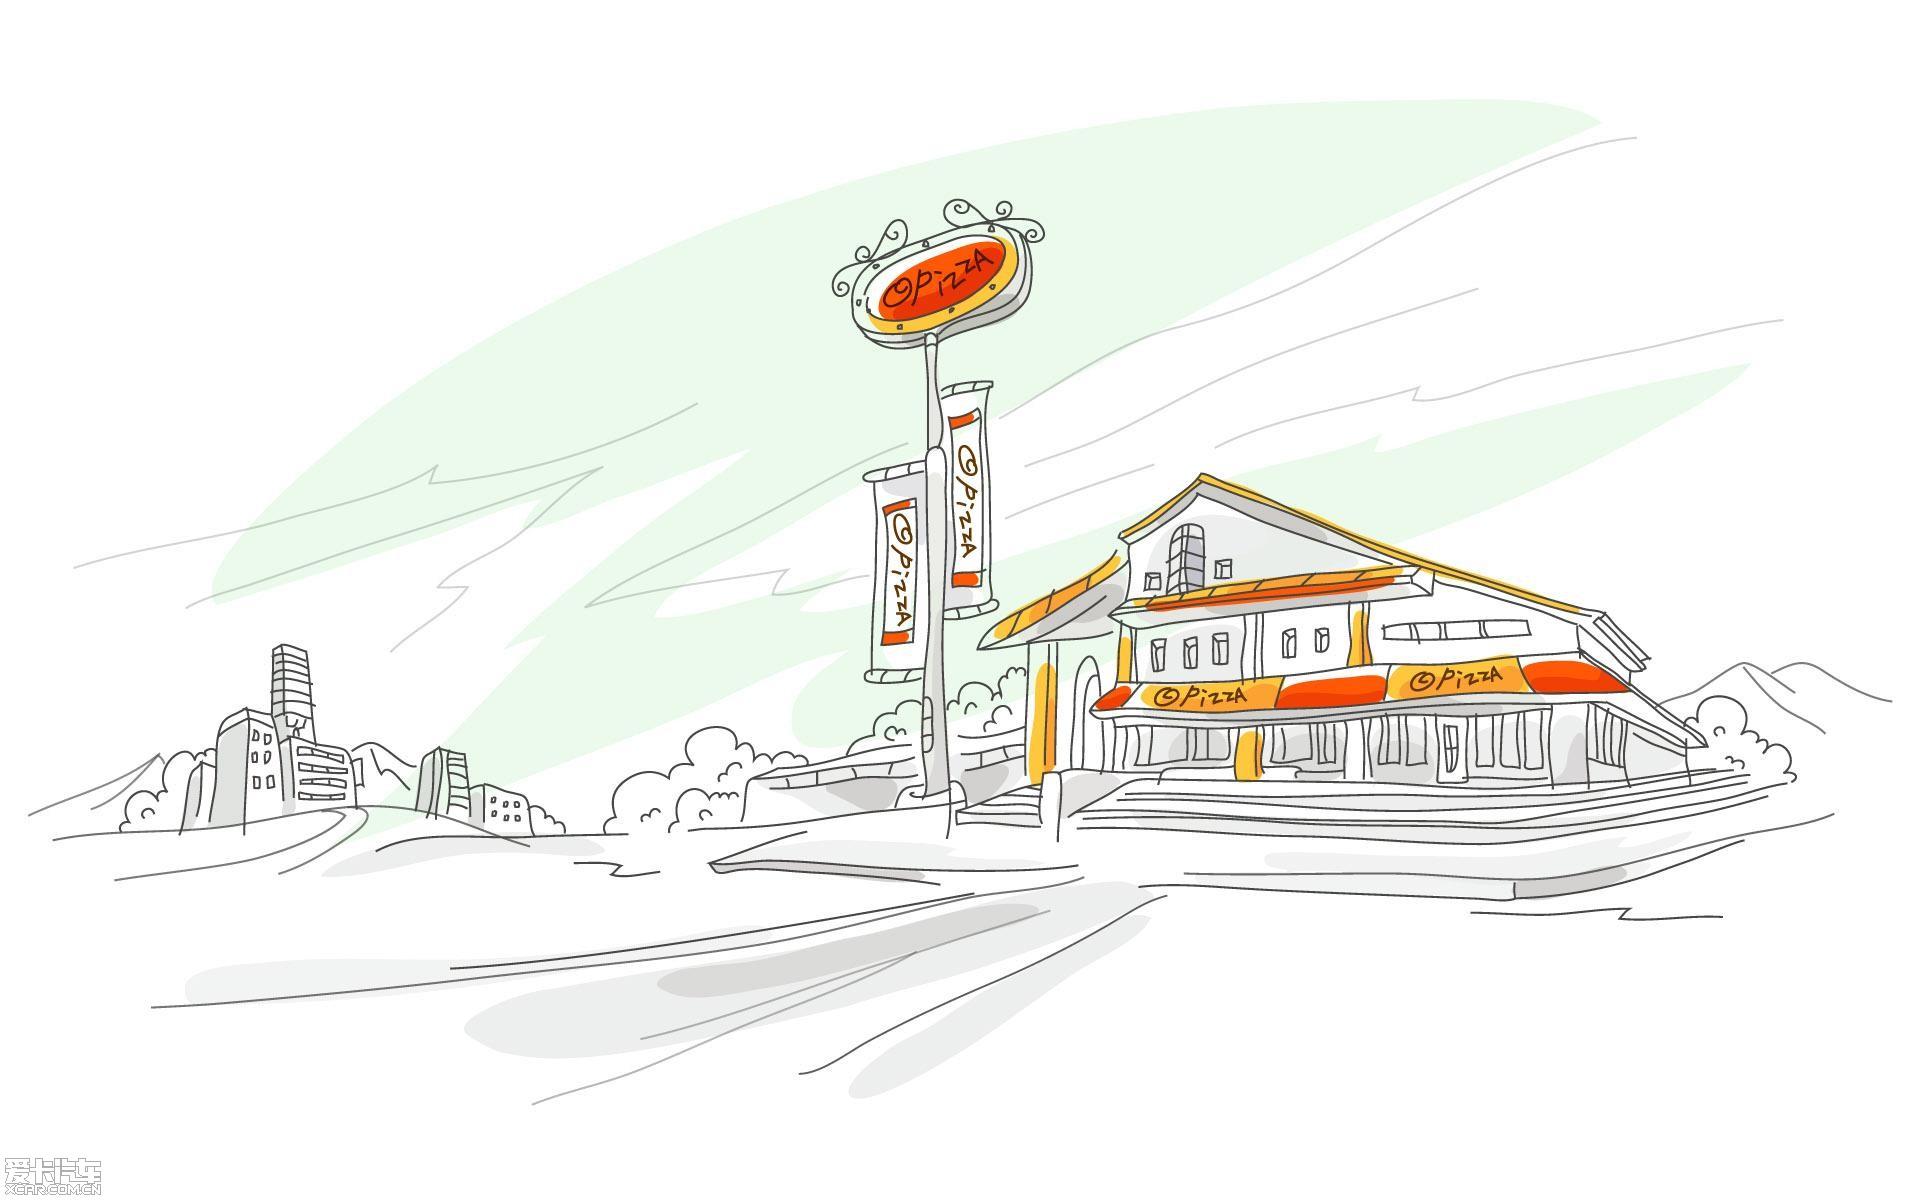 《手绘插图/线描简笔画-城市x未来科技》jpeg